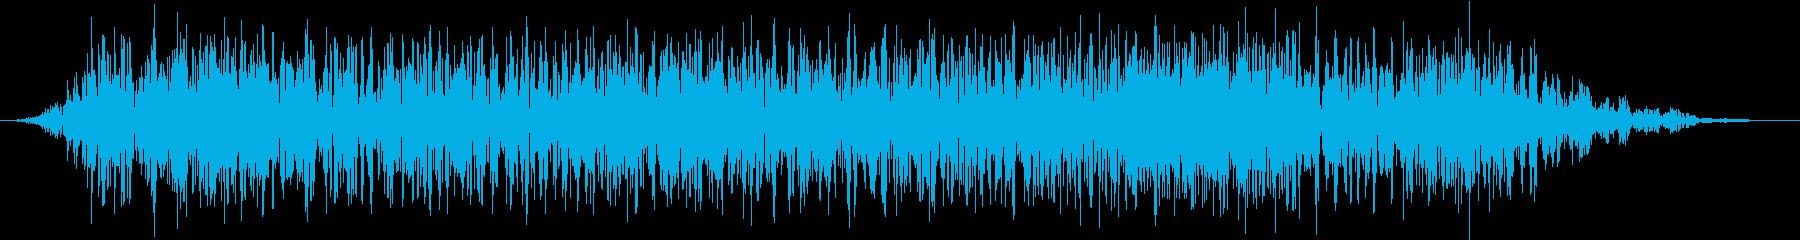 モンスター 悲鳴 49の再生済みの波形